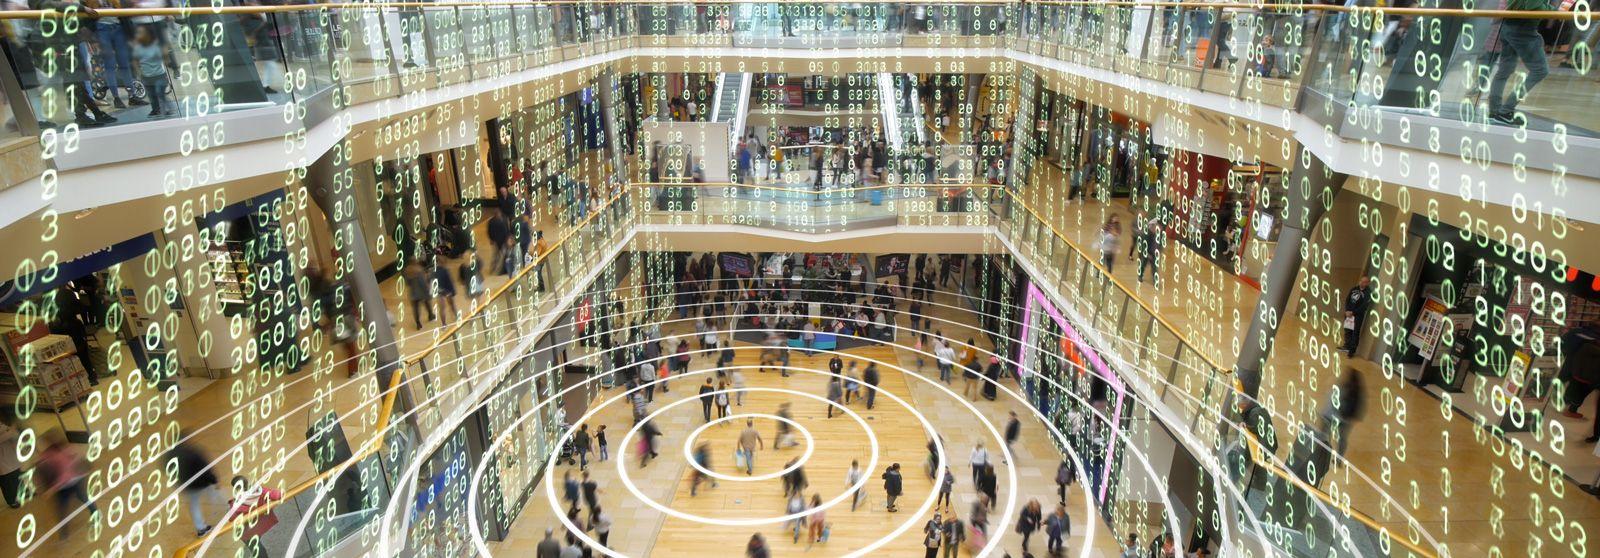 La protection des données personnelles au coeur de l'éthique Renault